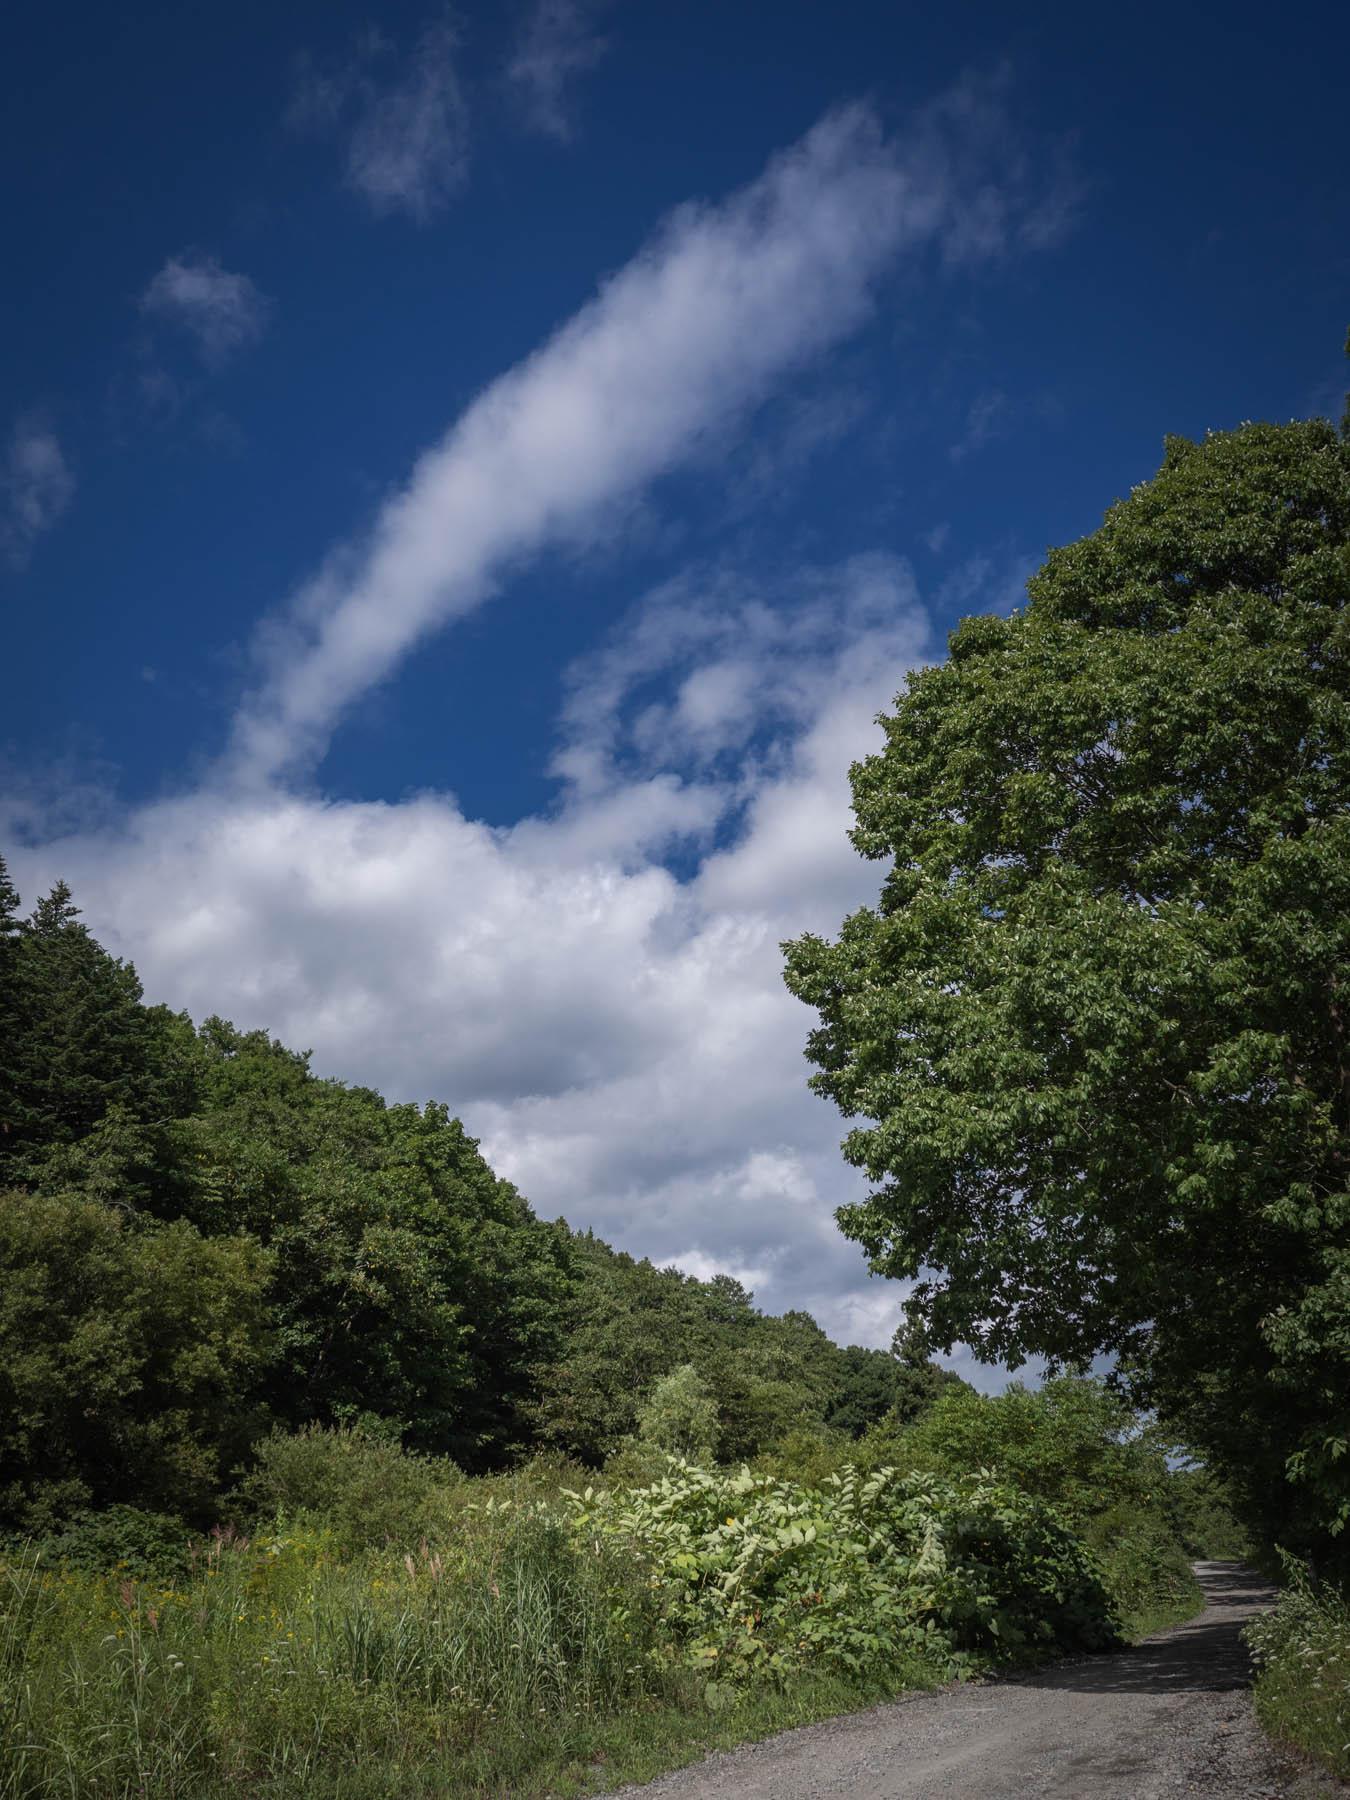 陣川へと続く山道と生い茂る緑と夏の空